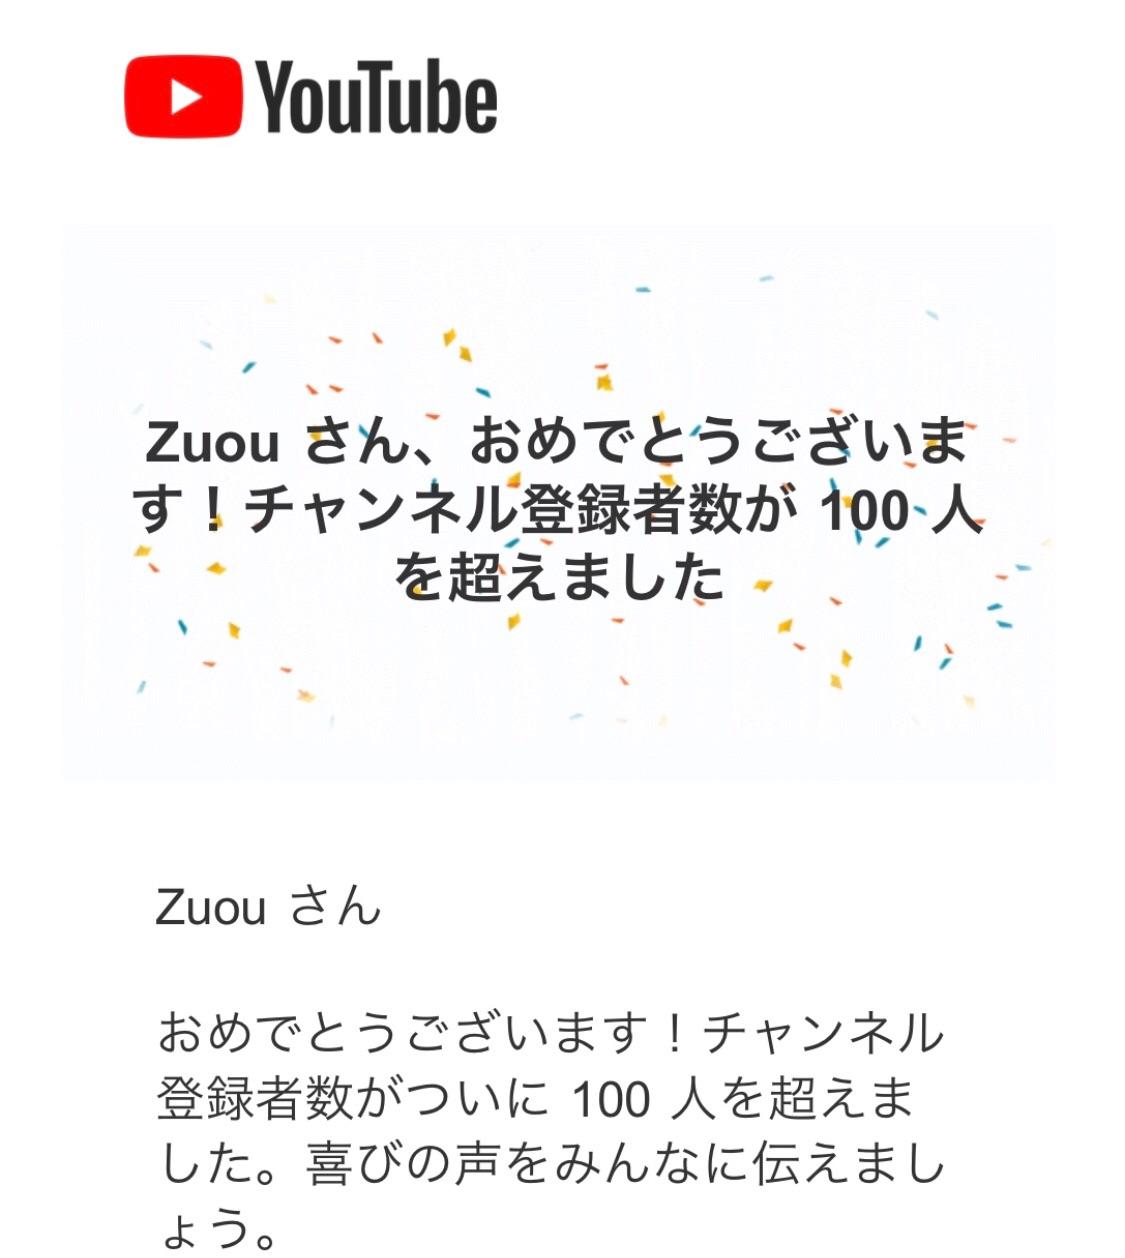 f:id:Zuou-0111:20180911124305j:image